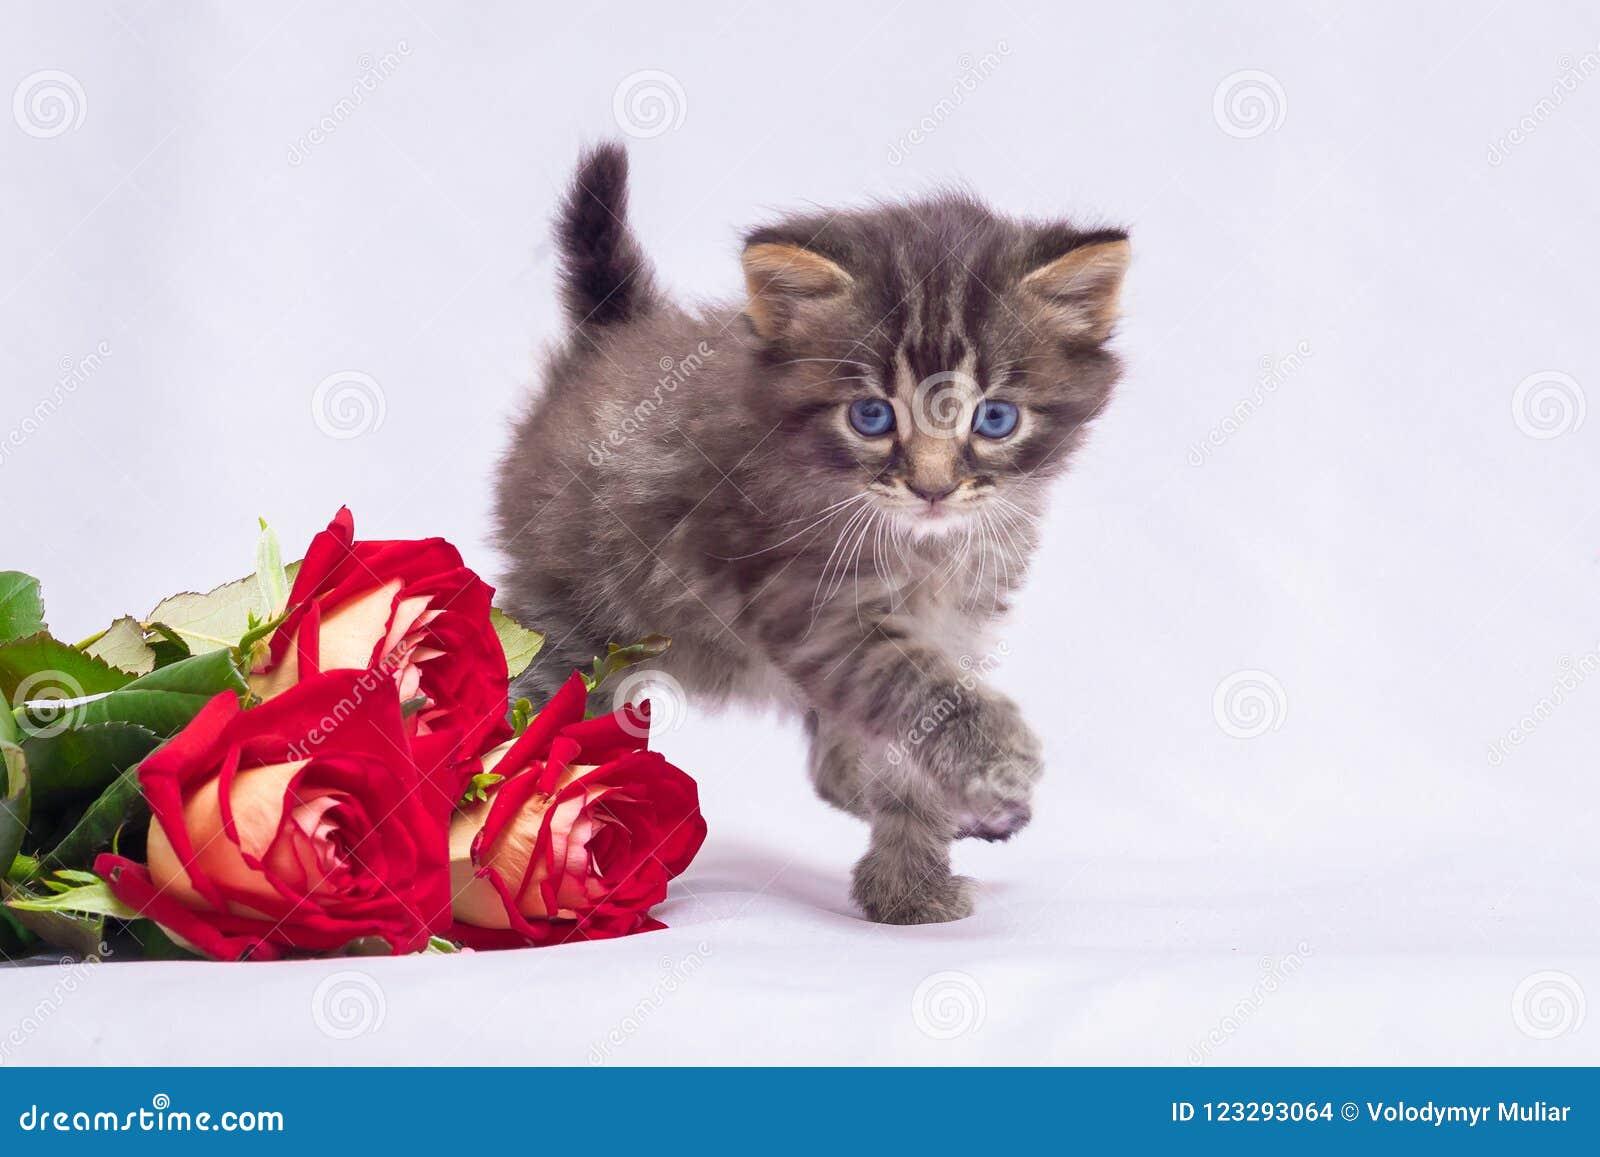 Поздравления подарок котенок фото 713